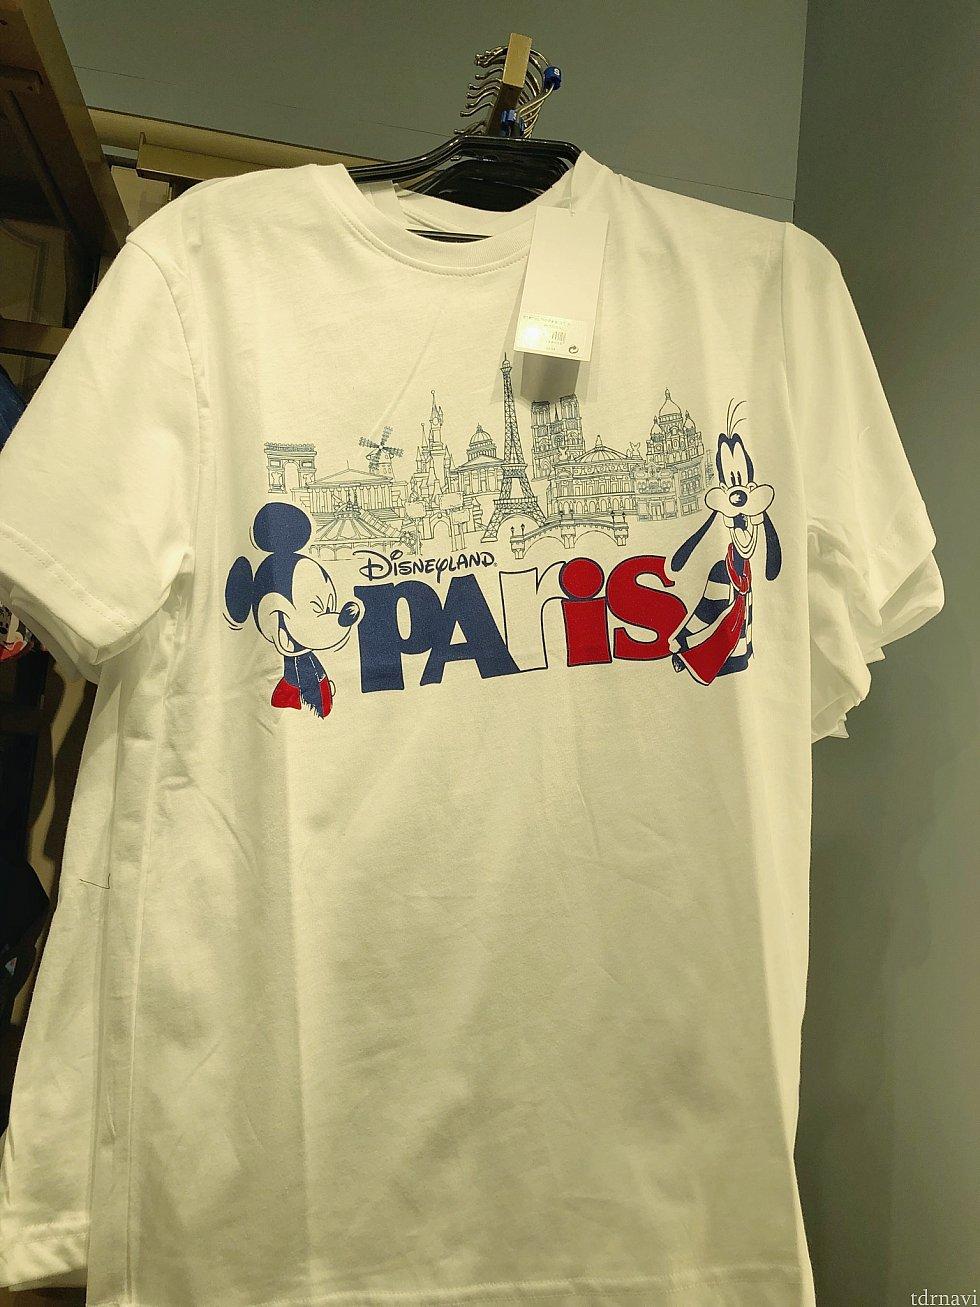 このTシャツはグーフィーがミニーちゃんになってるバージョンもありました♪19.99€